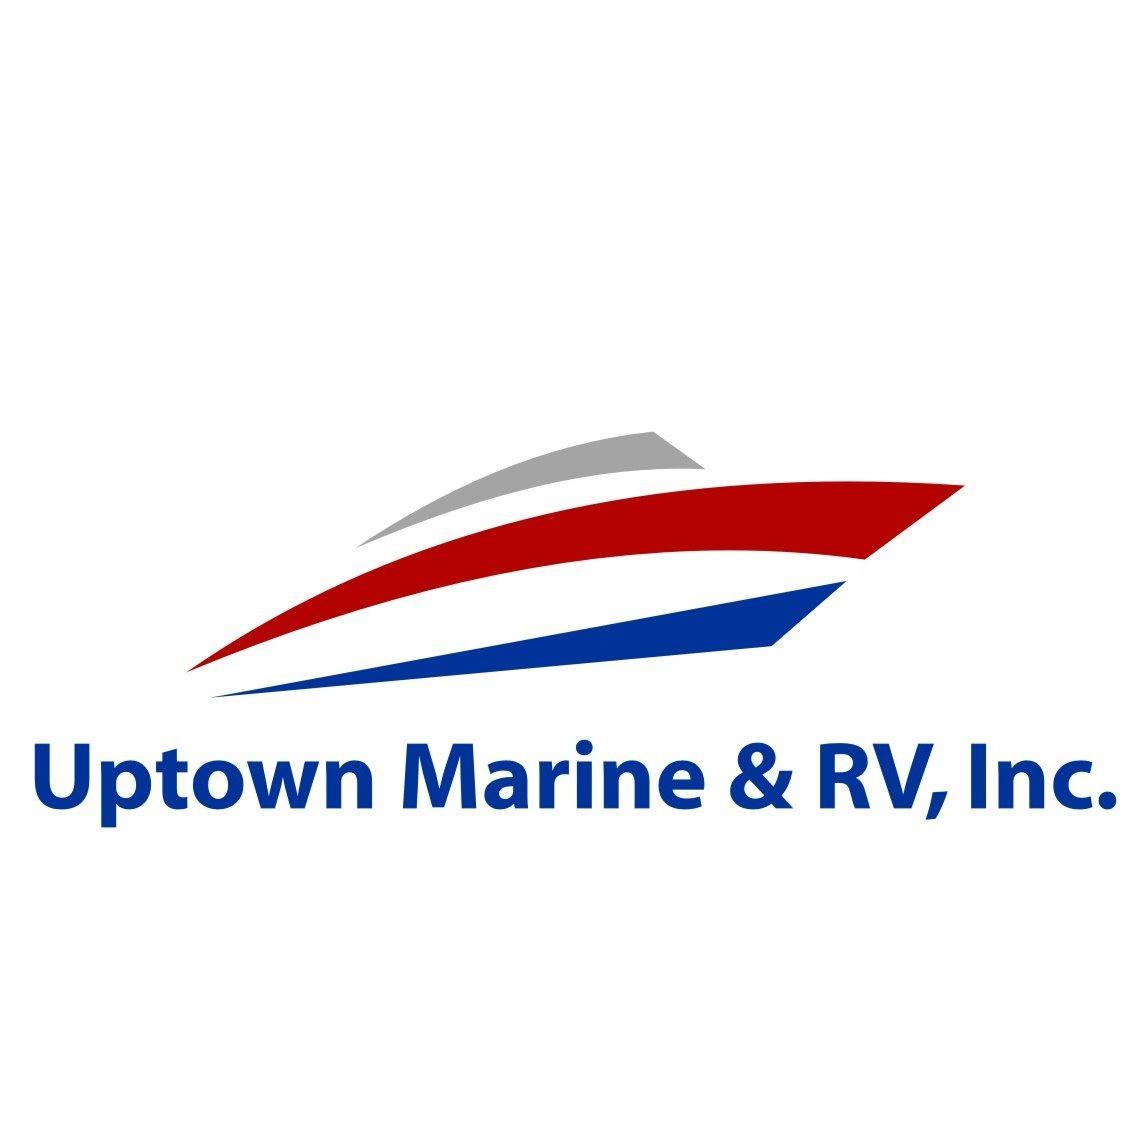 Uptown Marine & RV